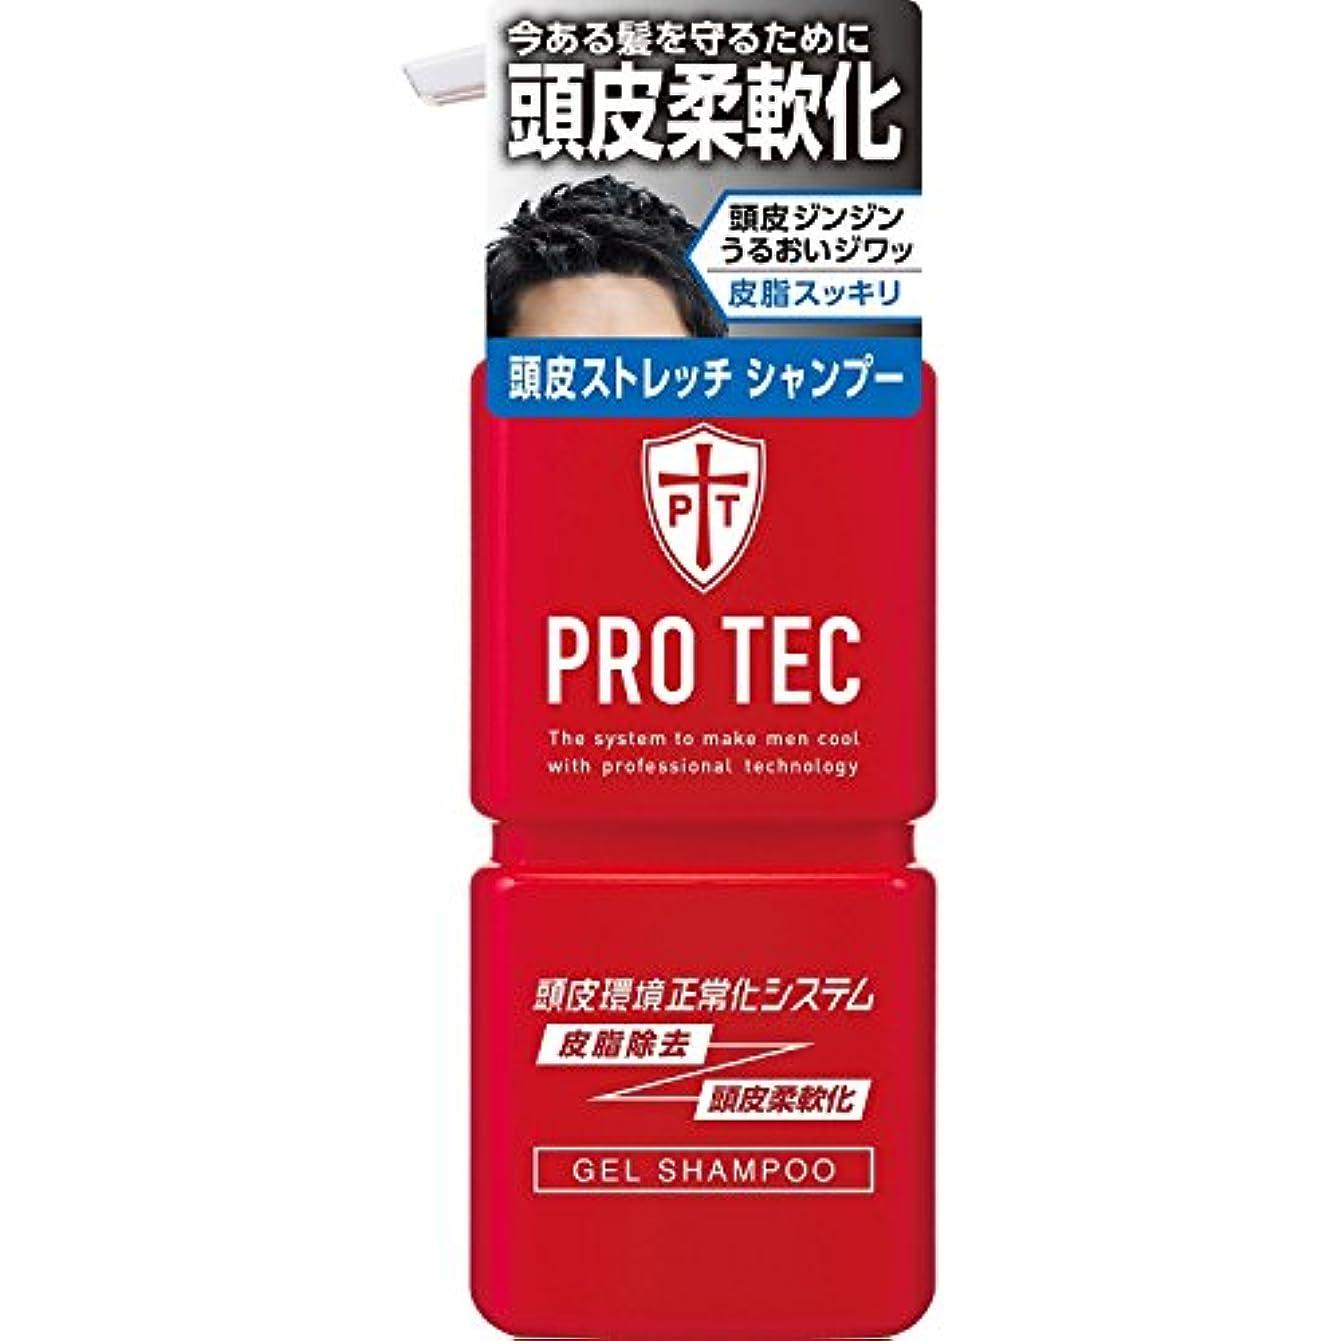 混合した医学東方PRO TEC(プロテク) 頭皮ストレッチ シャンプー 本体ポンプ 300g(医薬部外品)